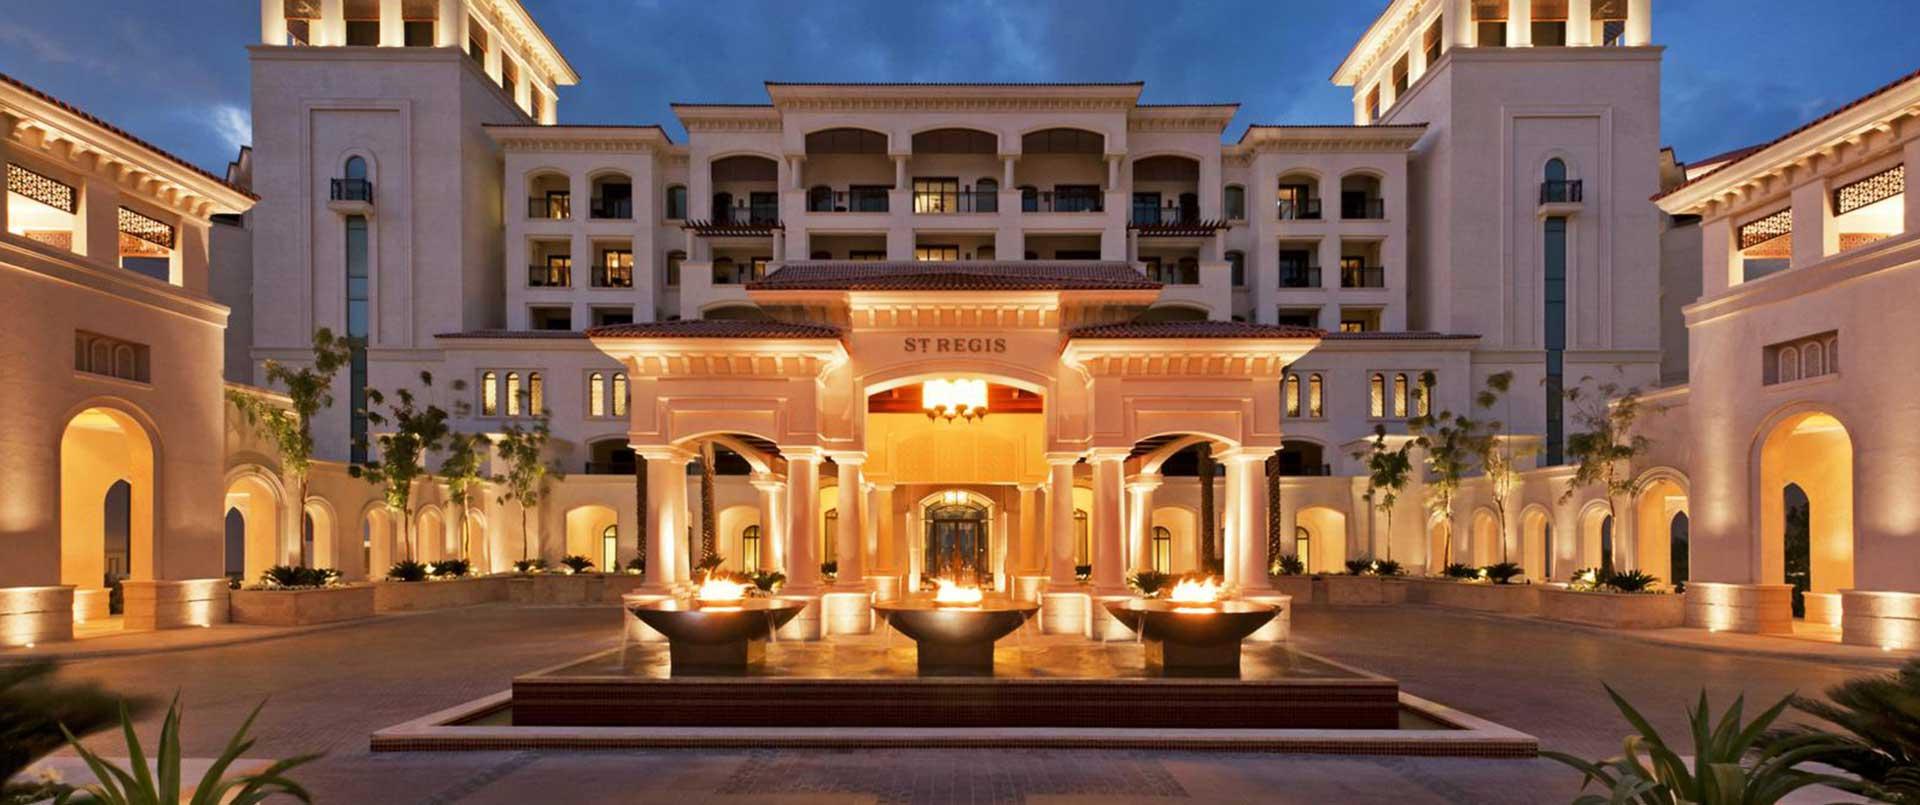 The St Regis Saadiyat Island Resort